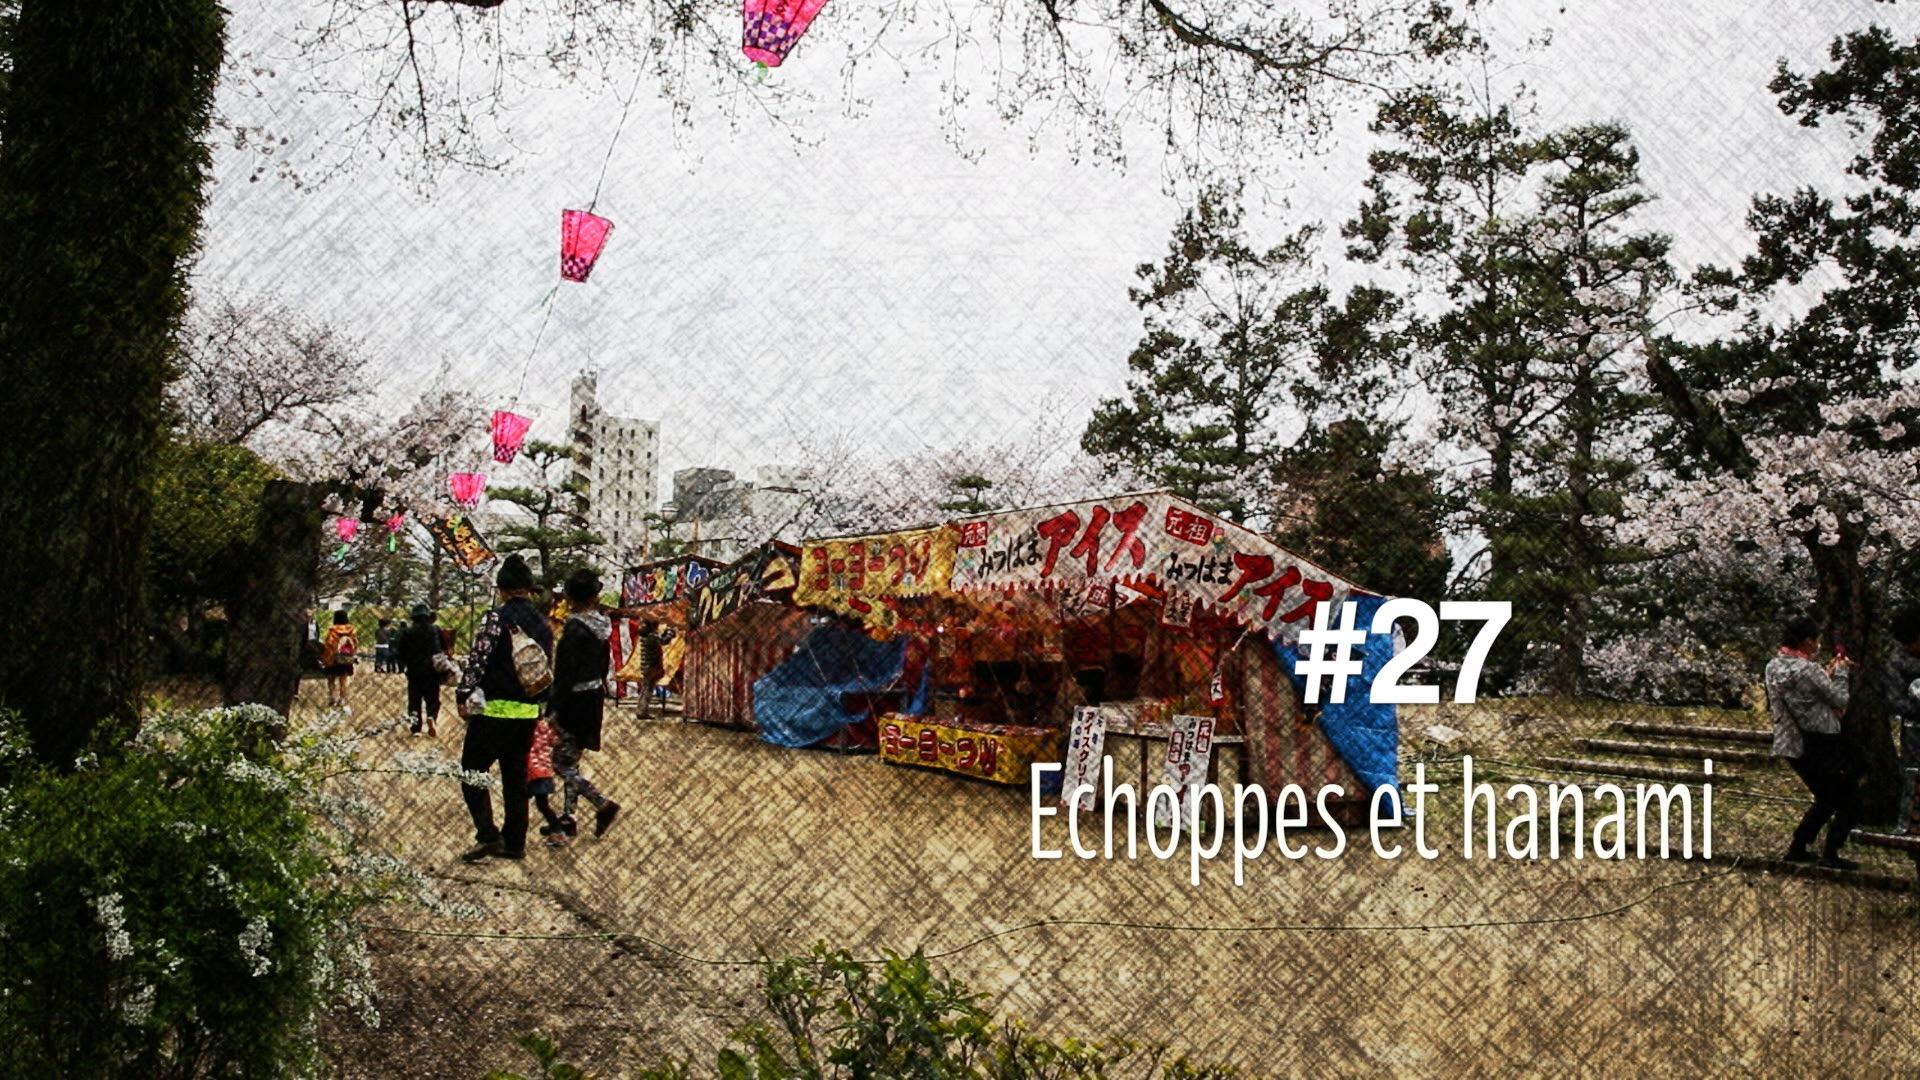 Echoppes et Hanami (#27)